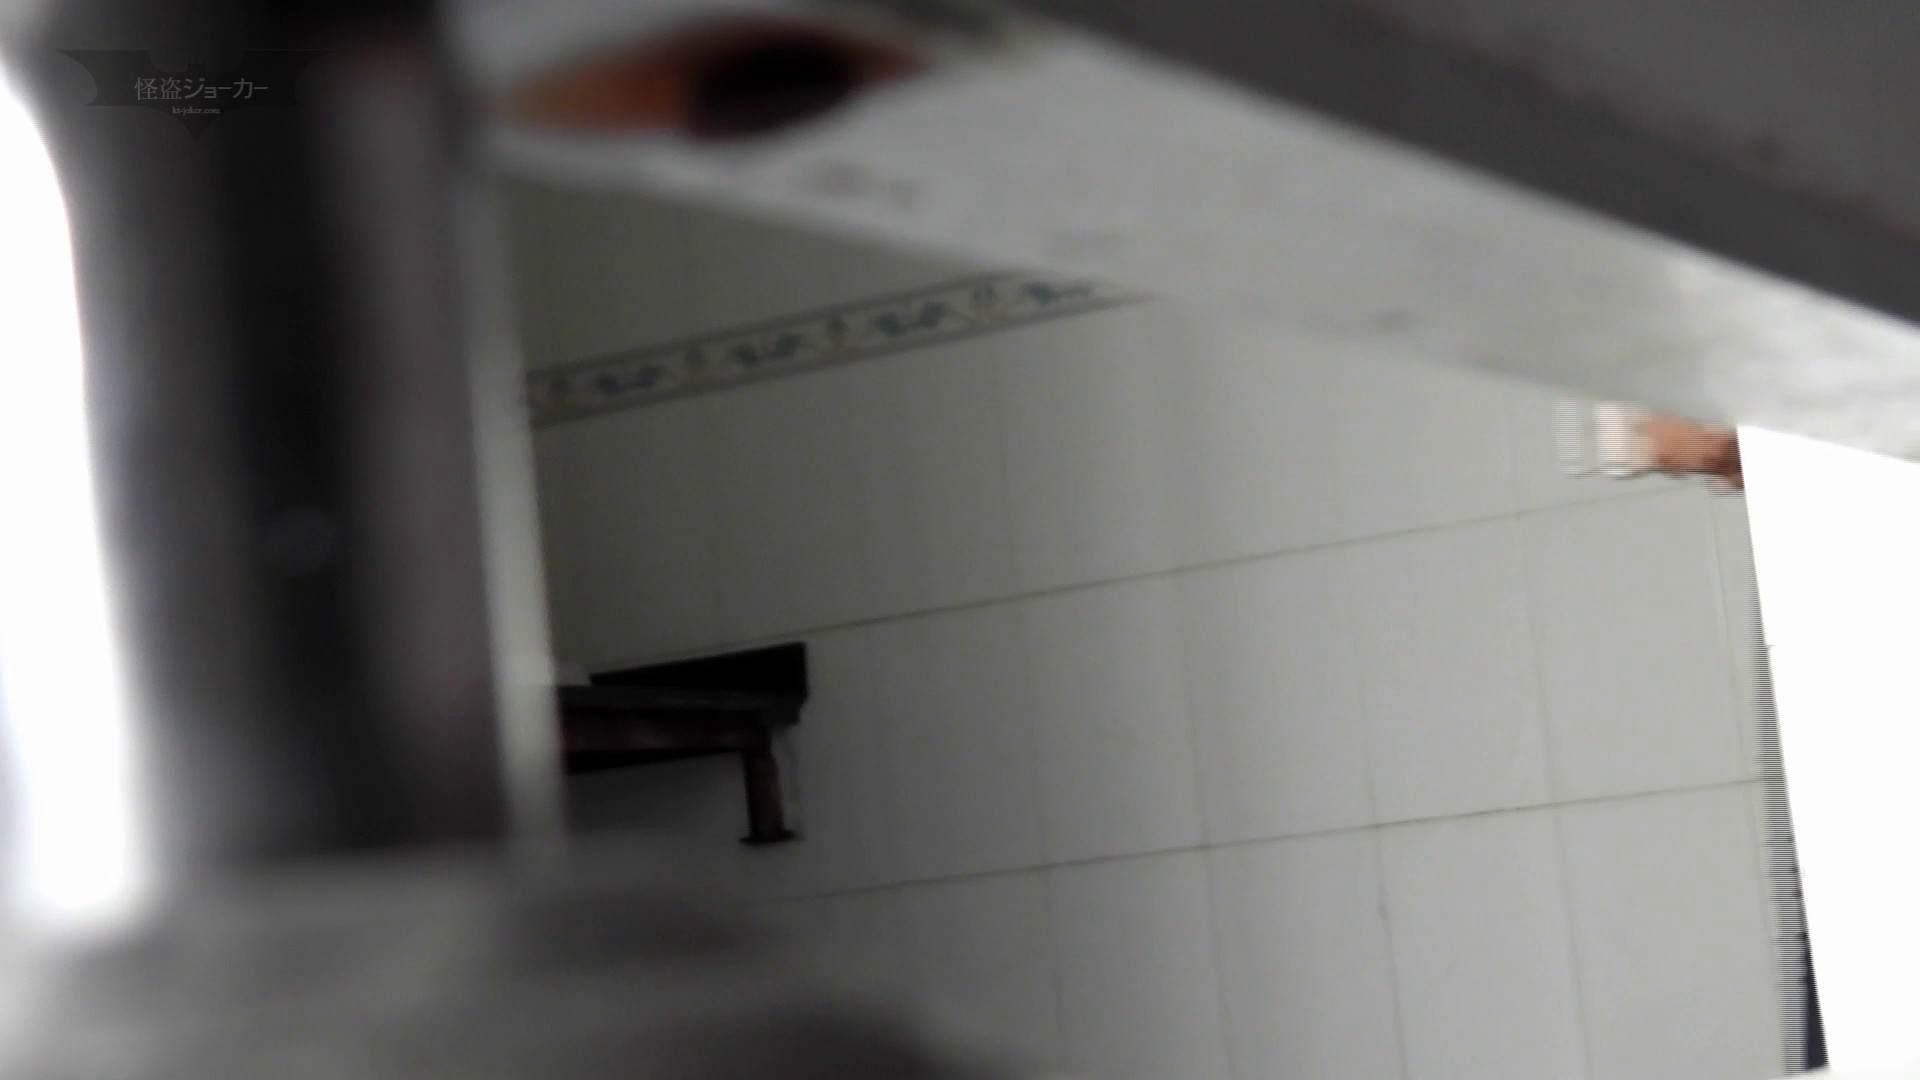 下からノゾム vol.030 びしょびしょの連続、お尻半分濡れるほど、 洗面所 アダルト動画キャプチャ 100画像 77